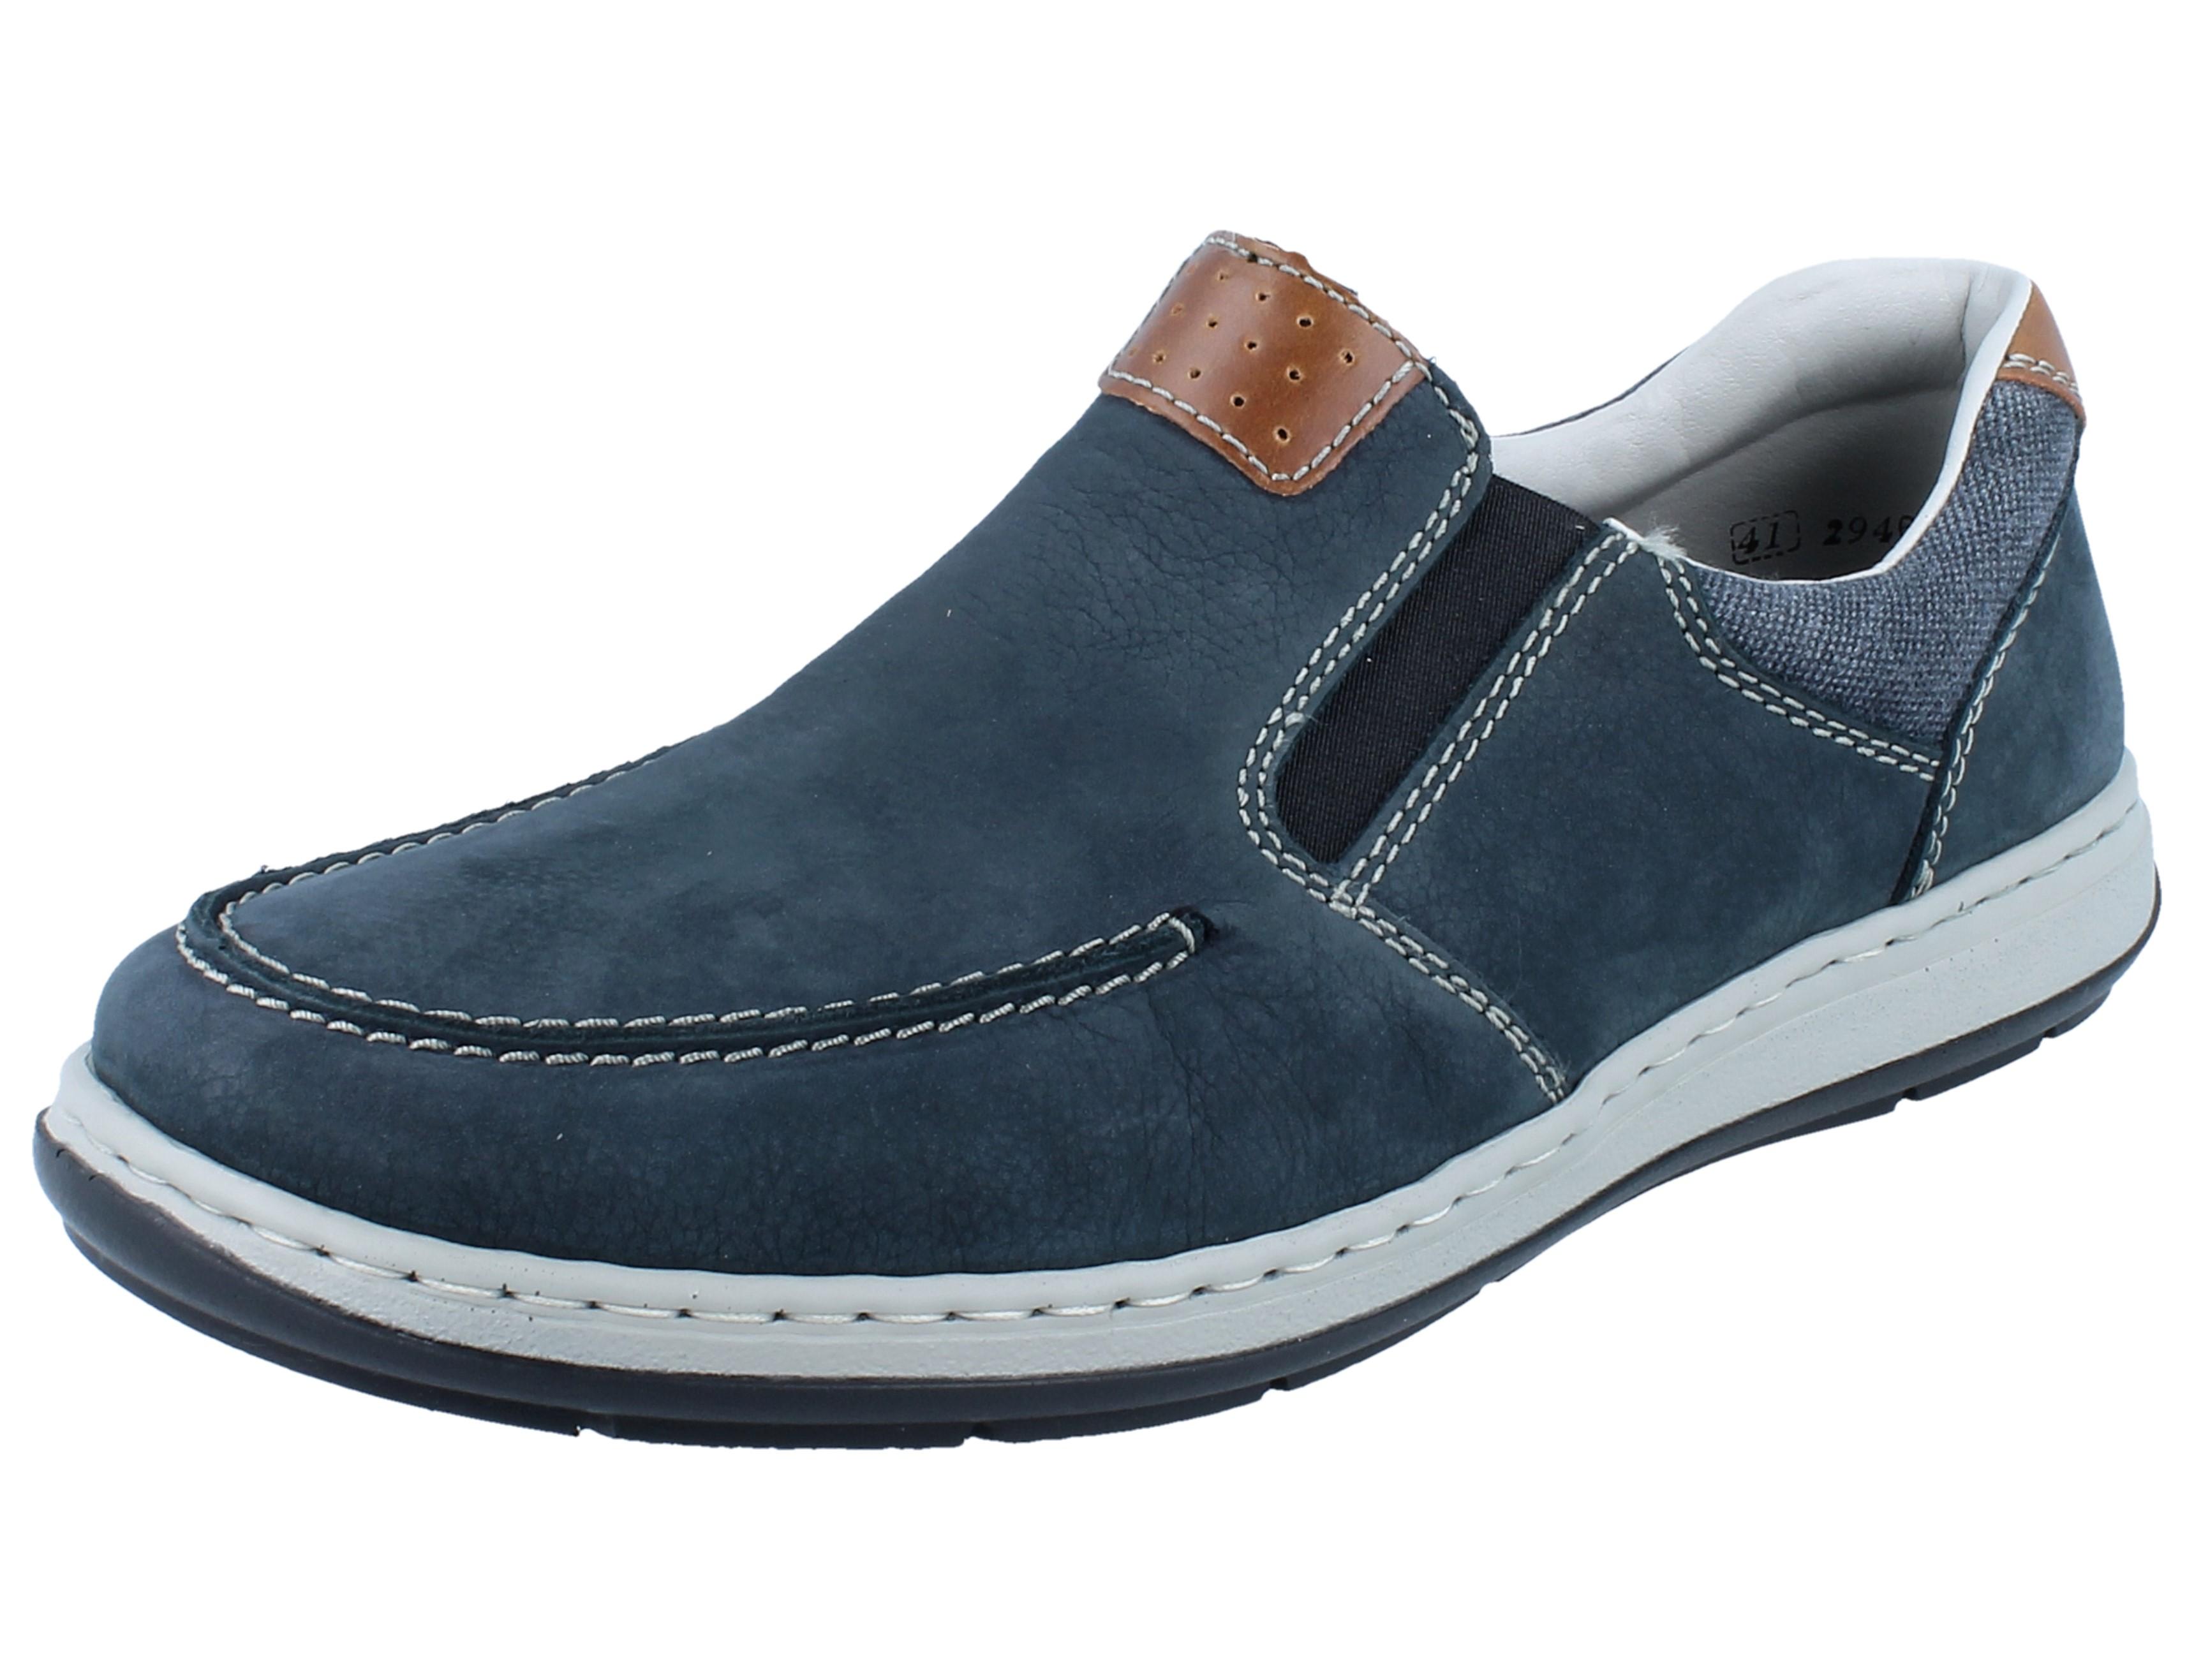 RIEKER 37020-14 Herren Schnürstiefel blau//Leder extra Weit